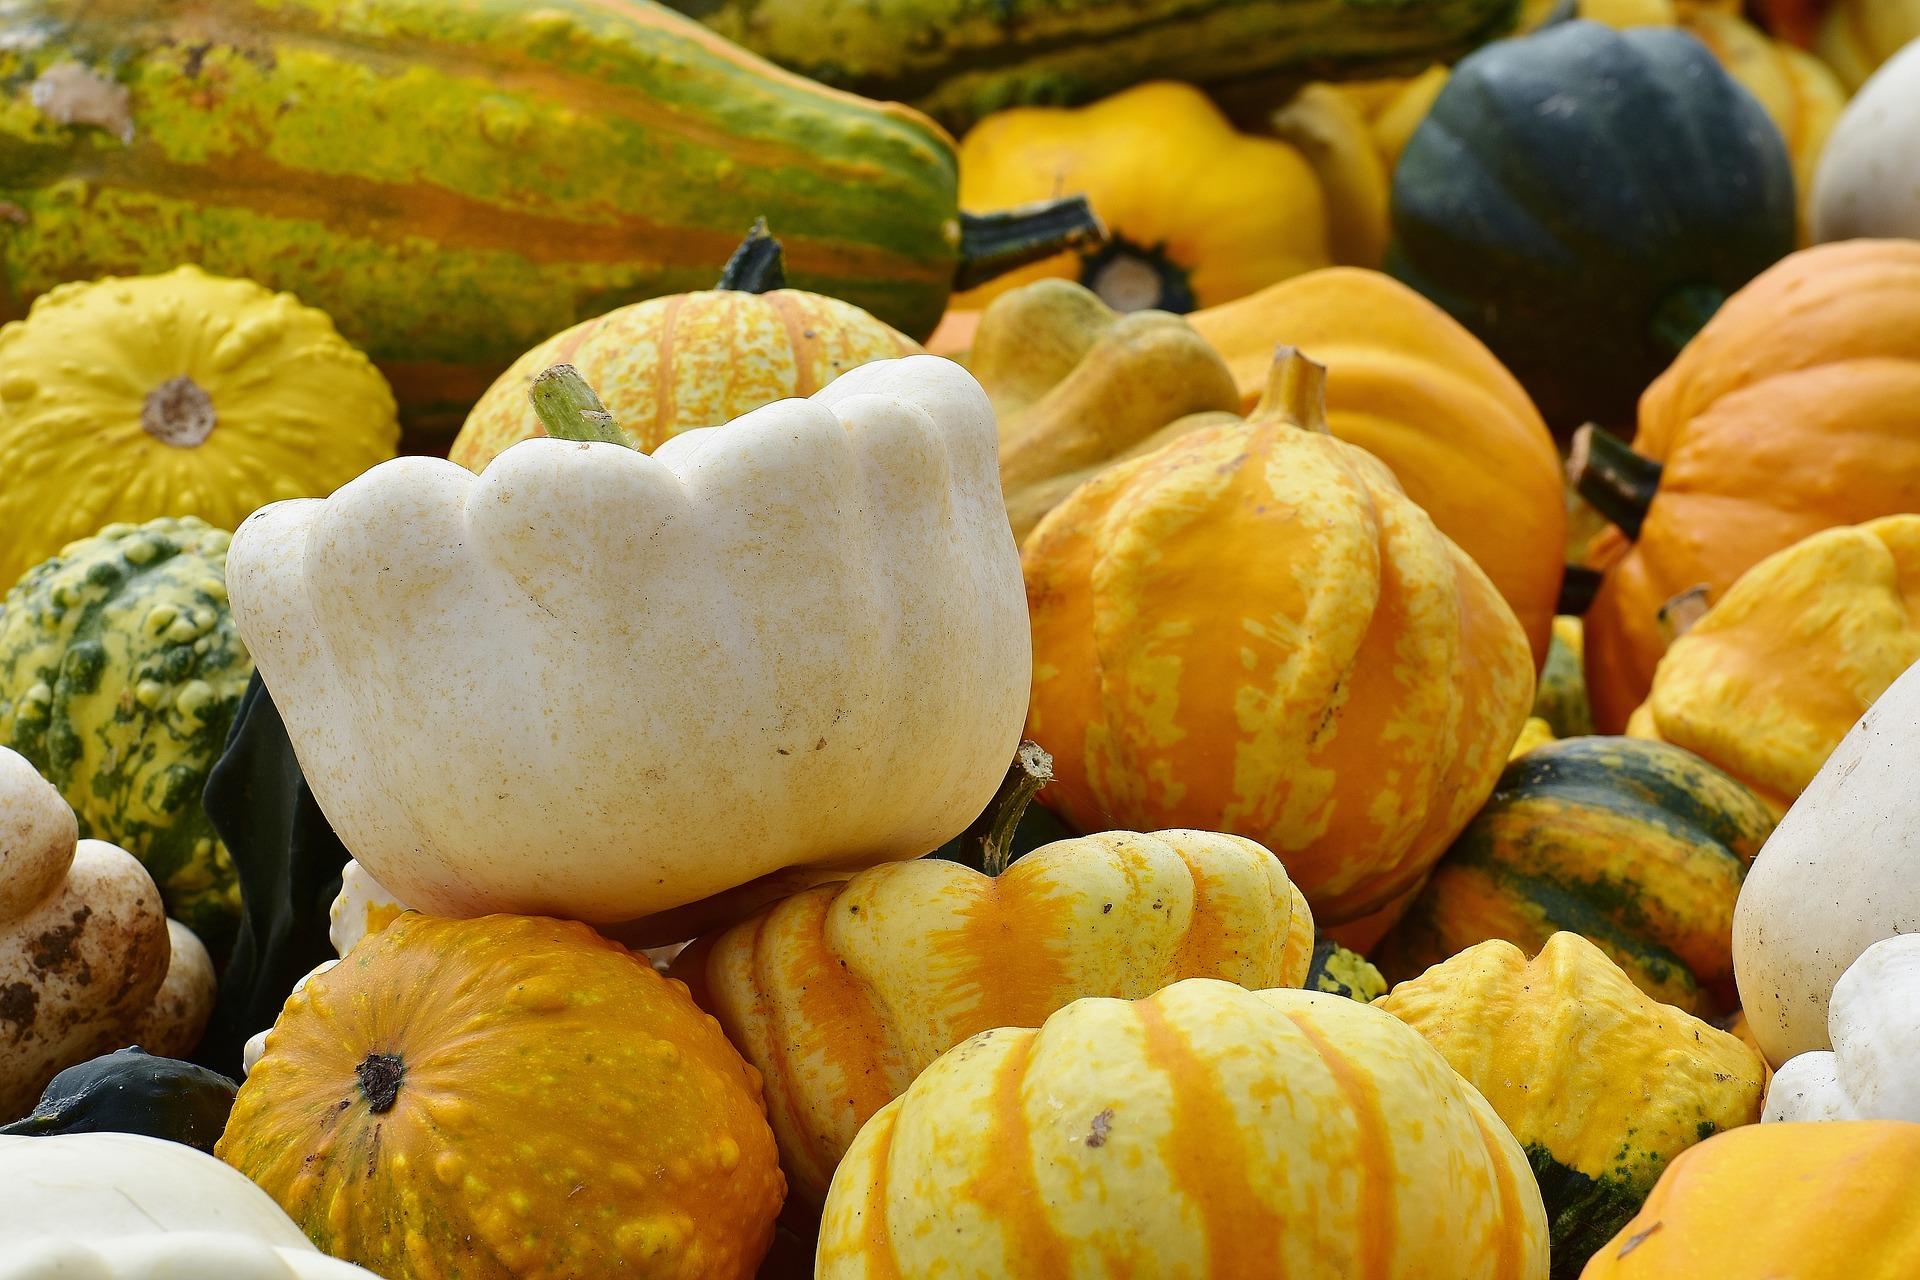 pumpkins-1642277_1920.jpg